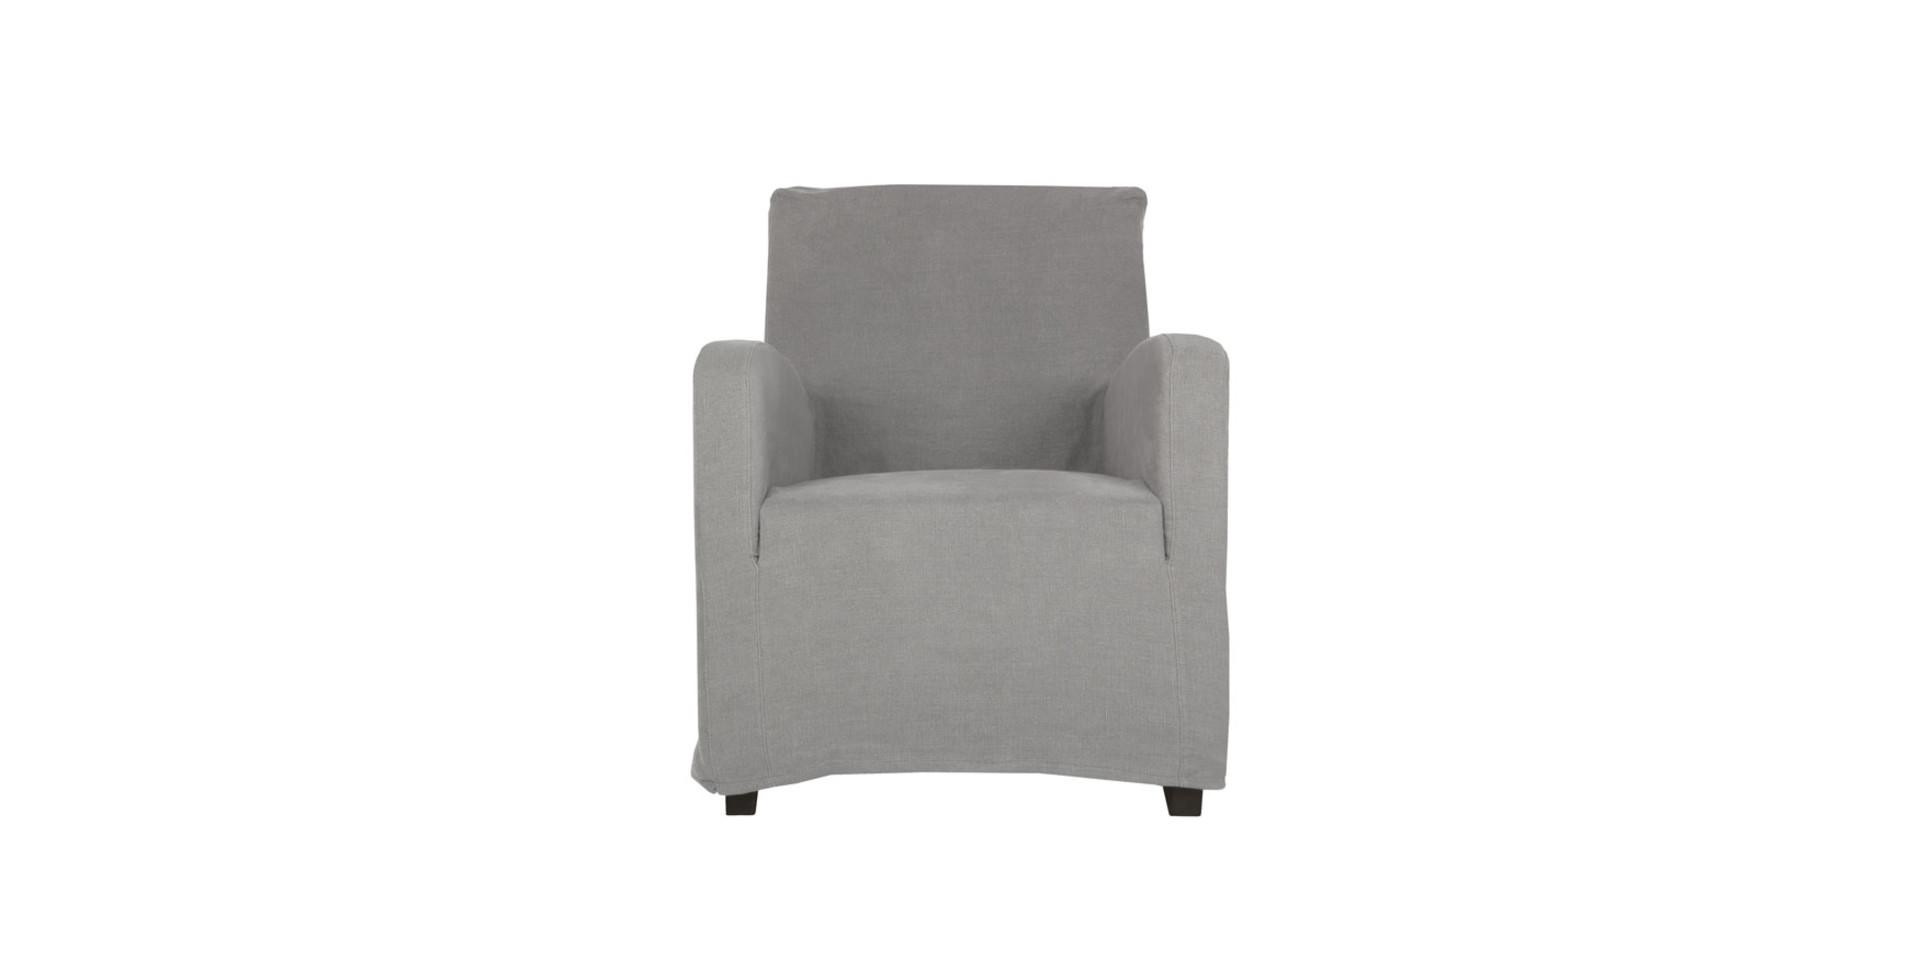 sits-mattis-fauteuil-armchair_linen_graphite_1